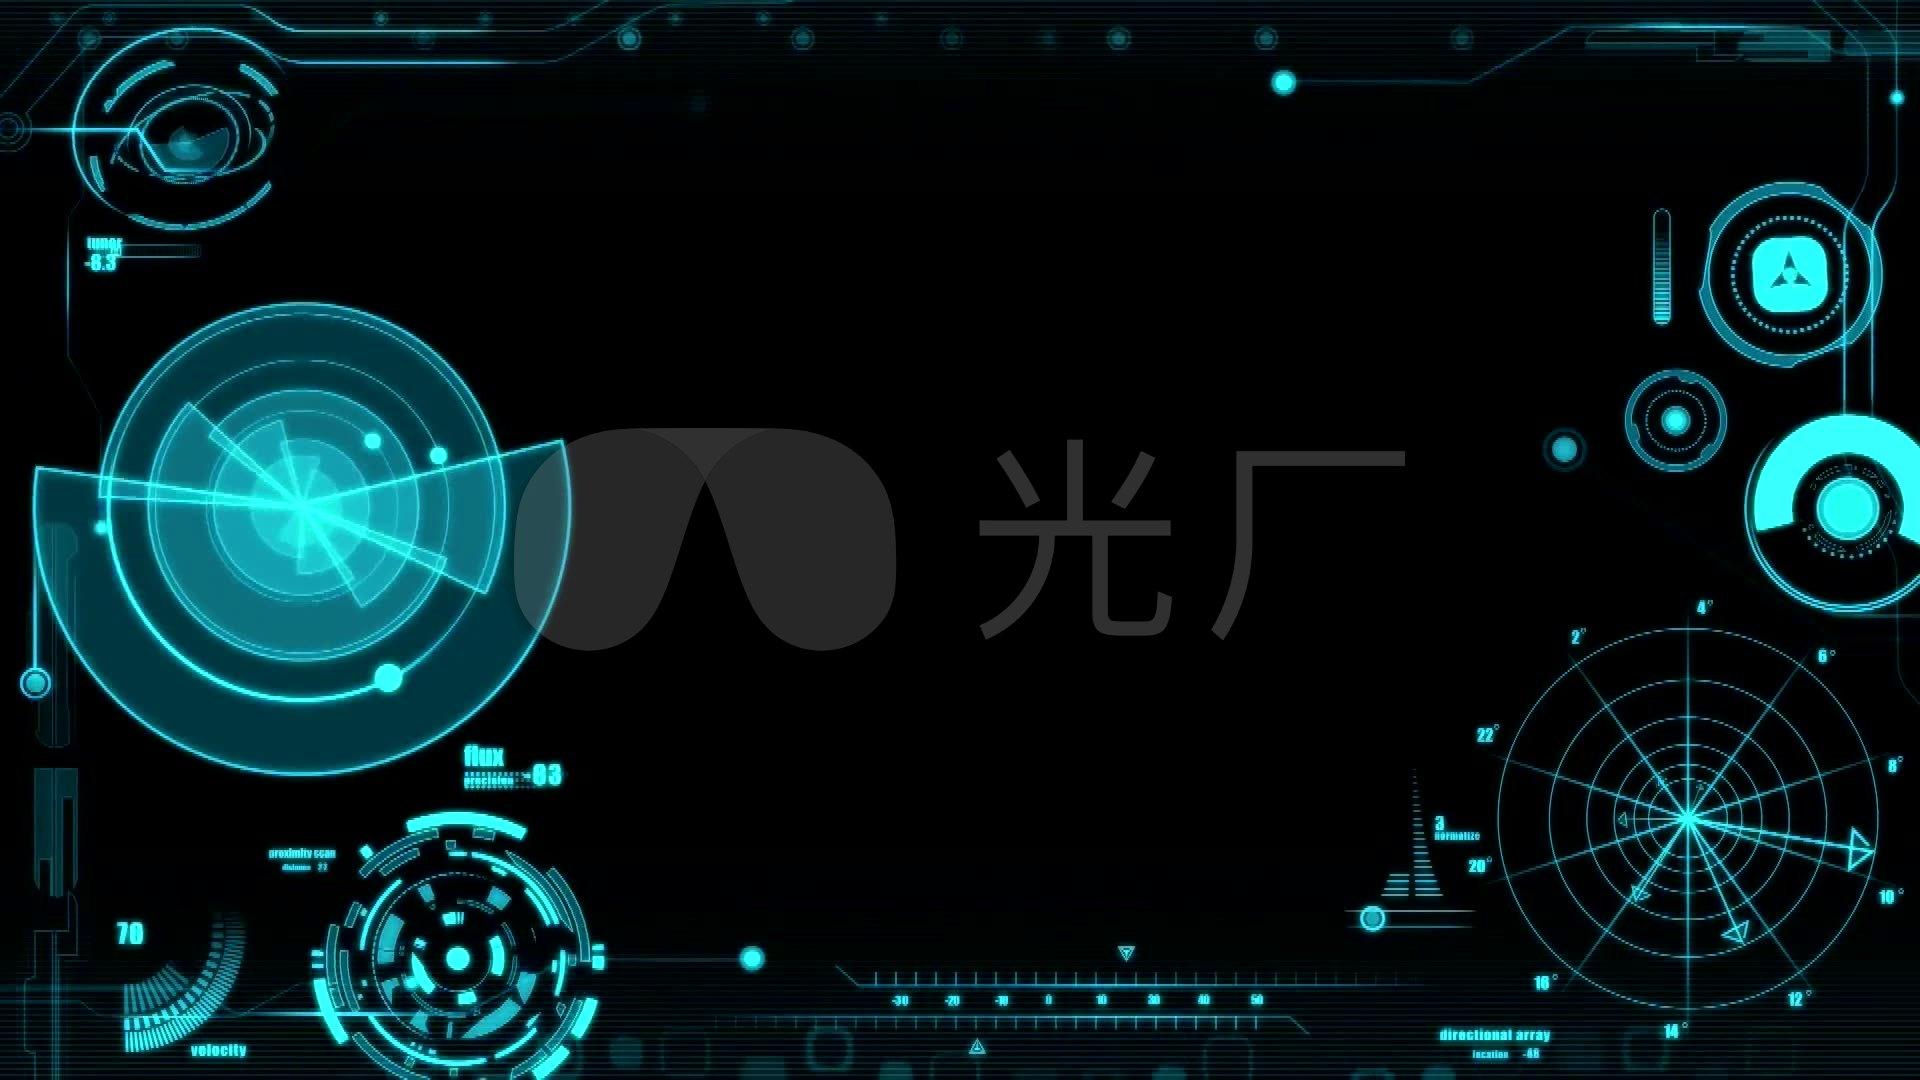 科幻,科技,電子,未來科技背景,視頻循環圖片